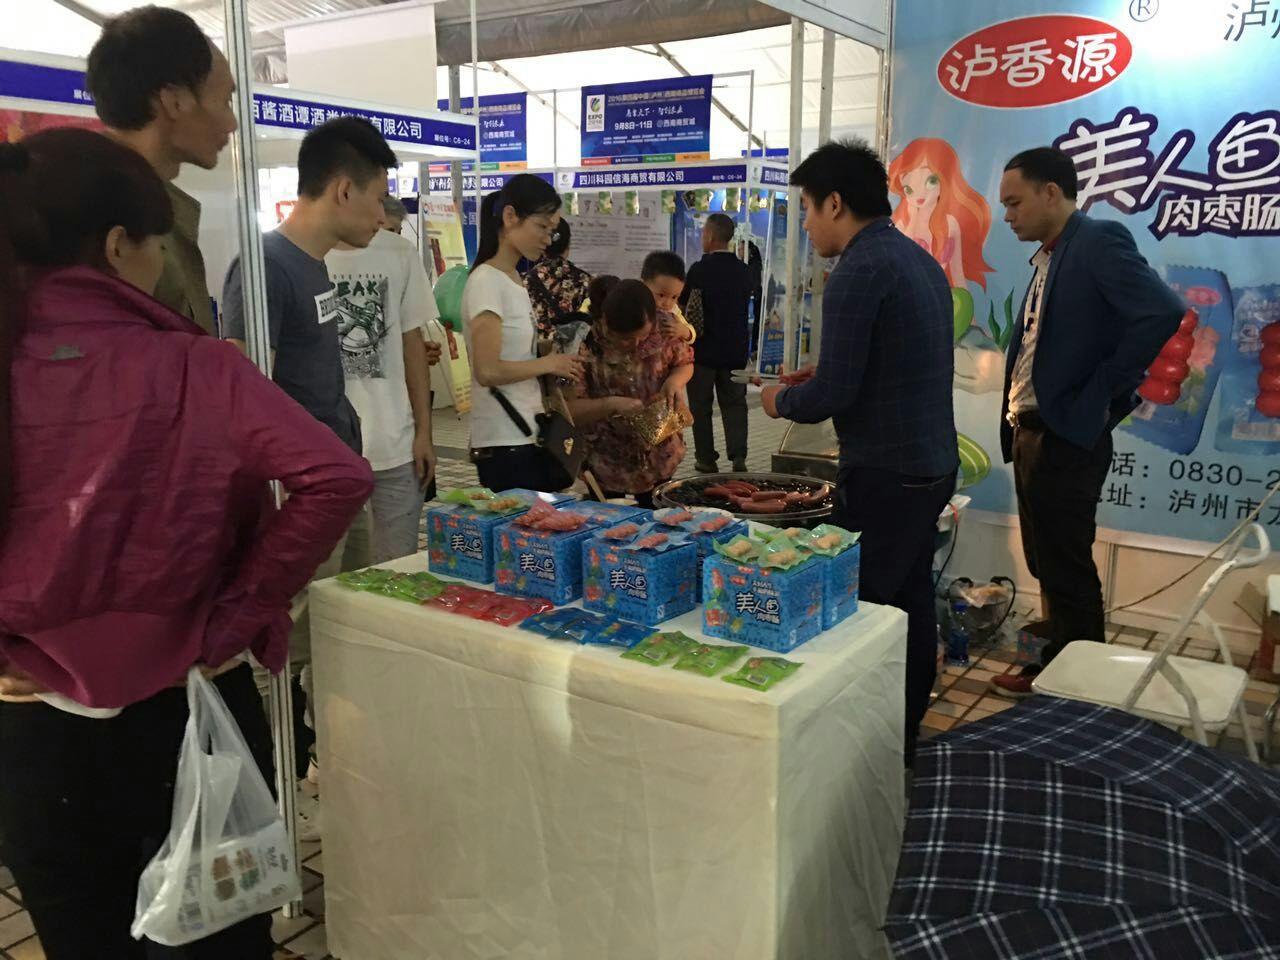 祝贺泸州市亚博体育下载app食品有限公司在商贸城食品博览会参展圆满成功